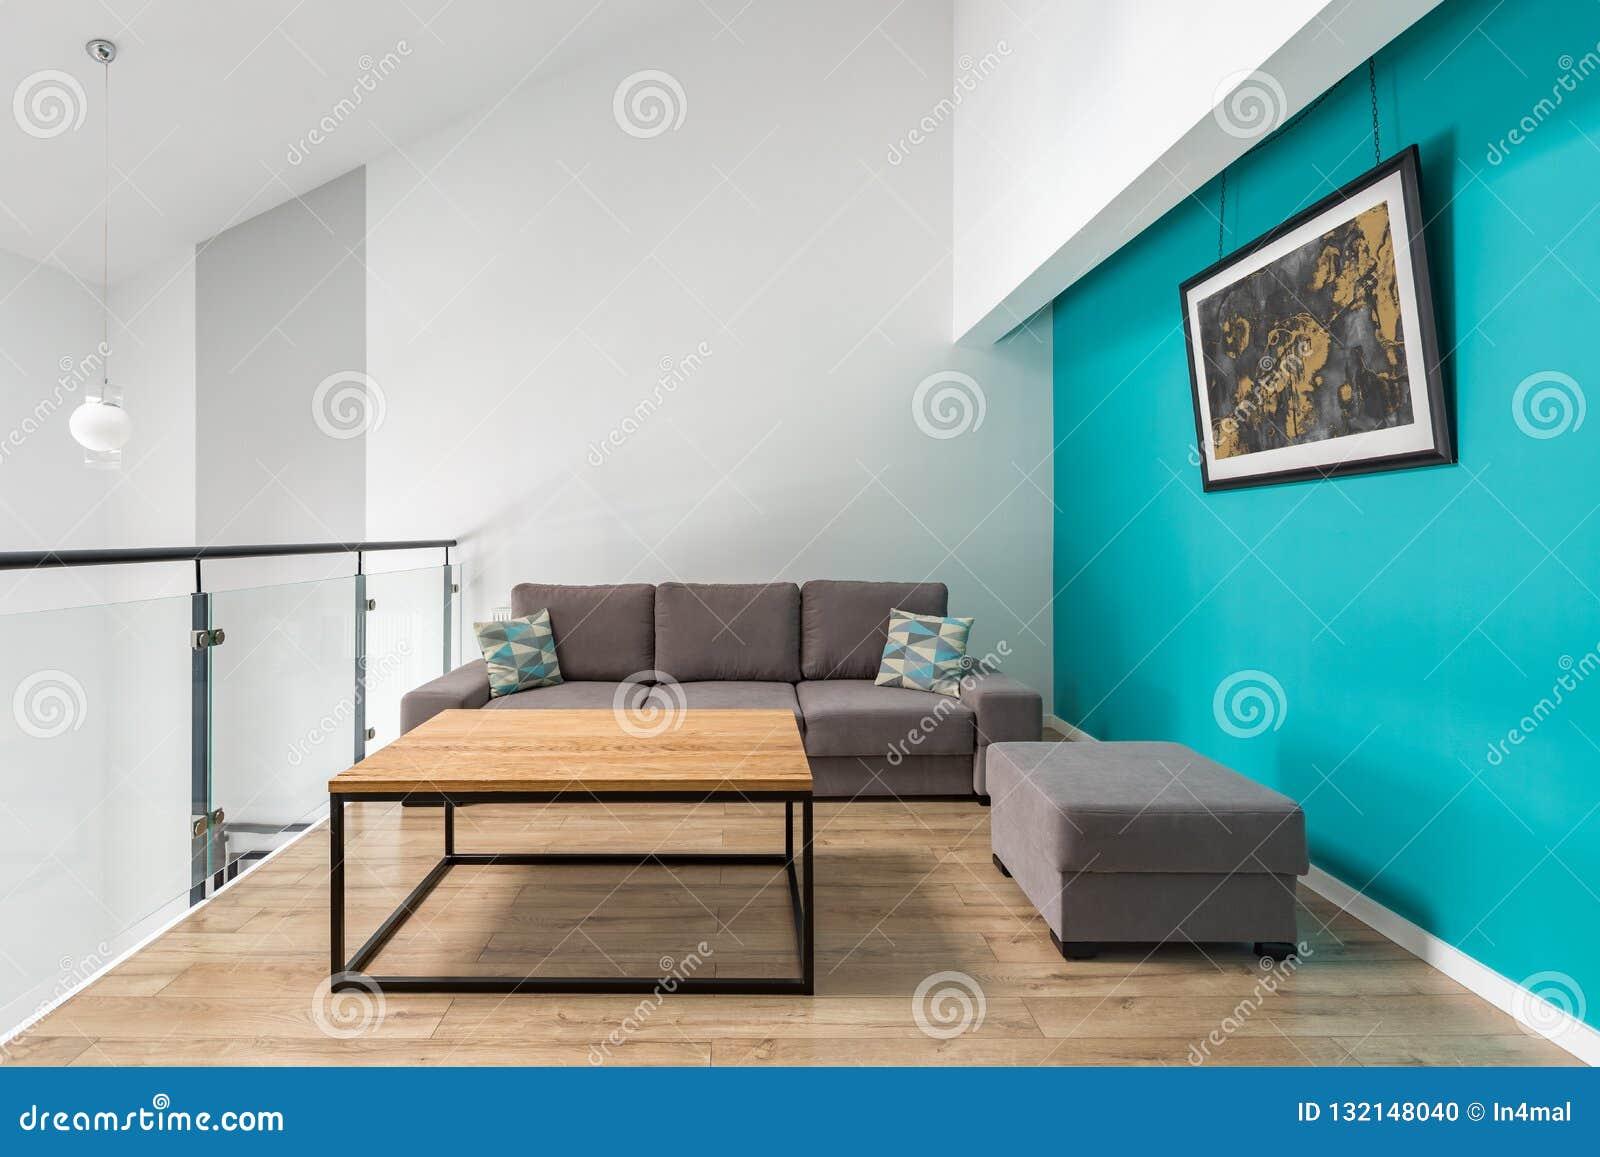 Petit Salon Avec Le Mur De Turquoise Photo stock - Image du ...